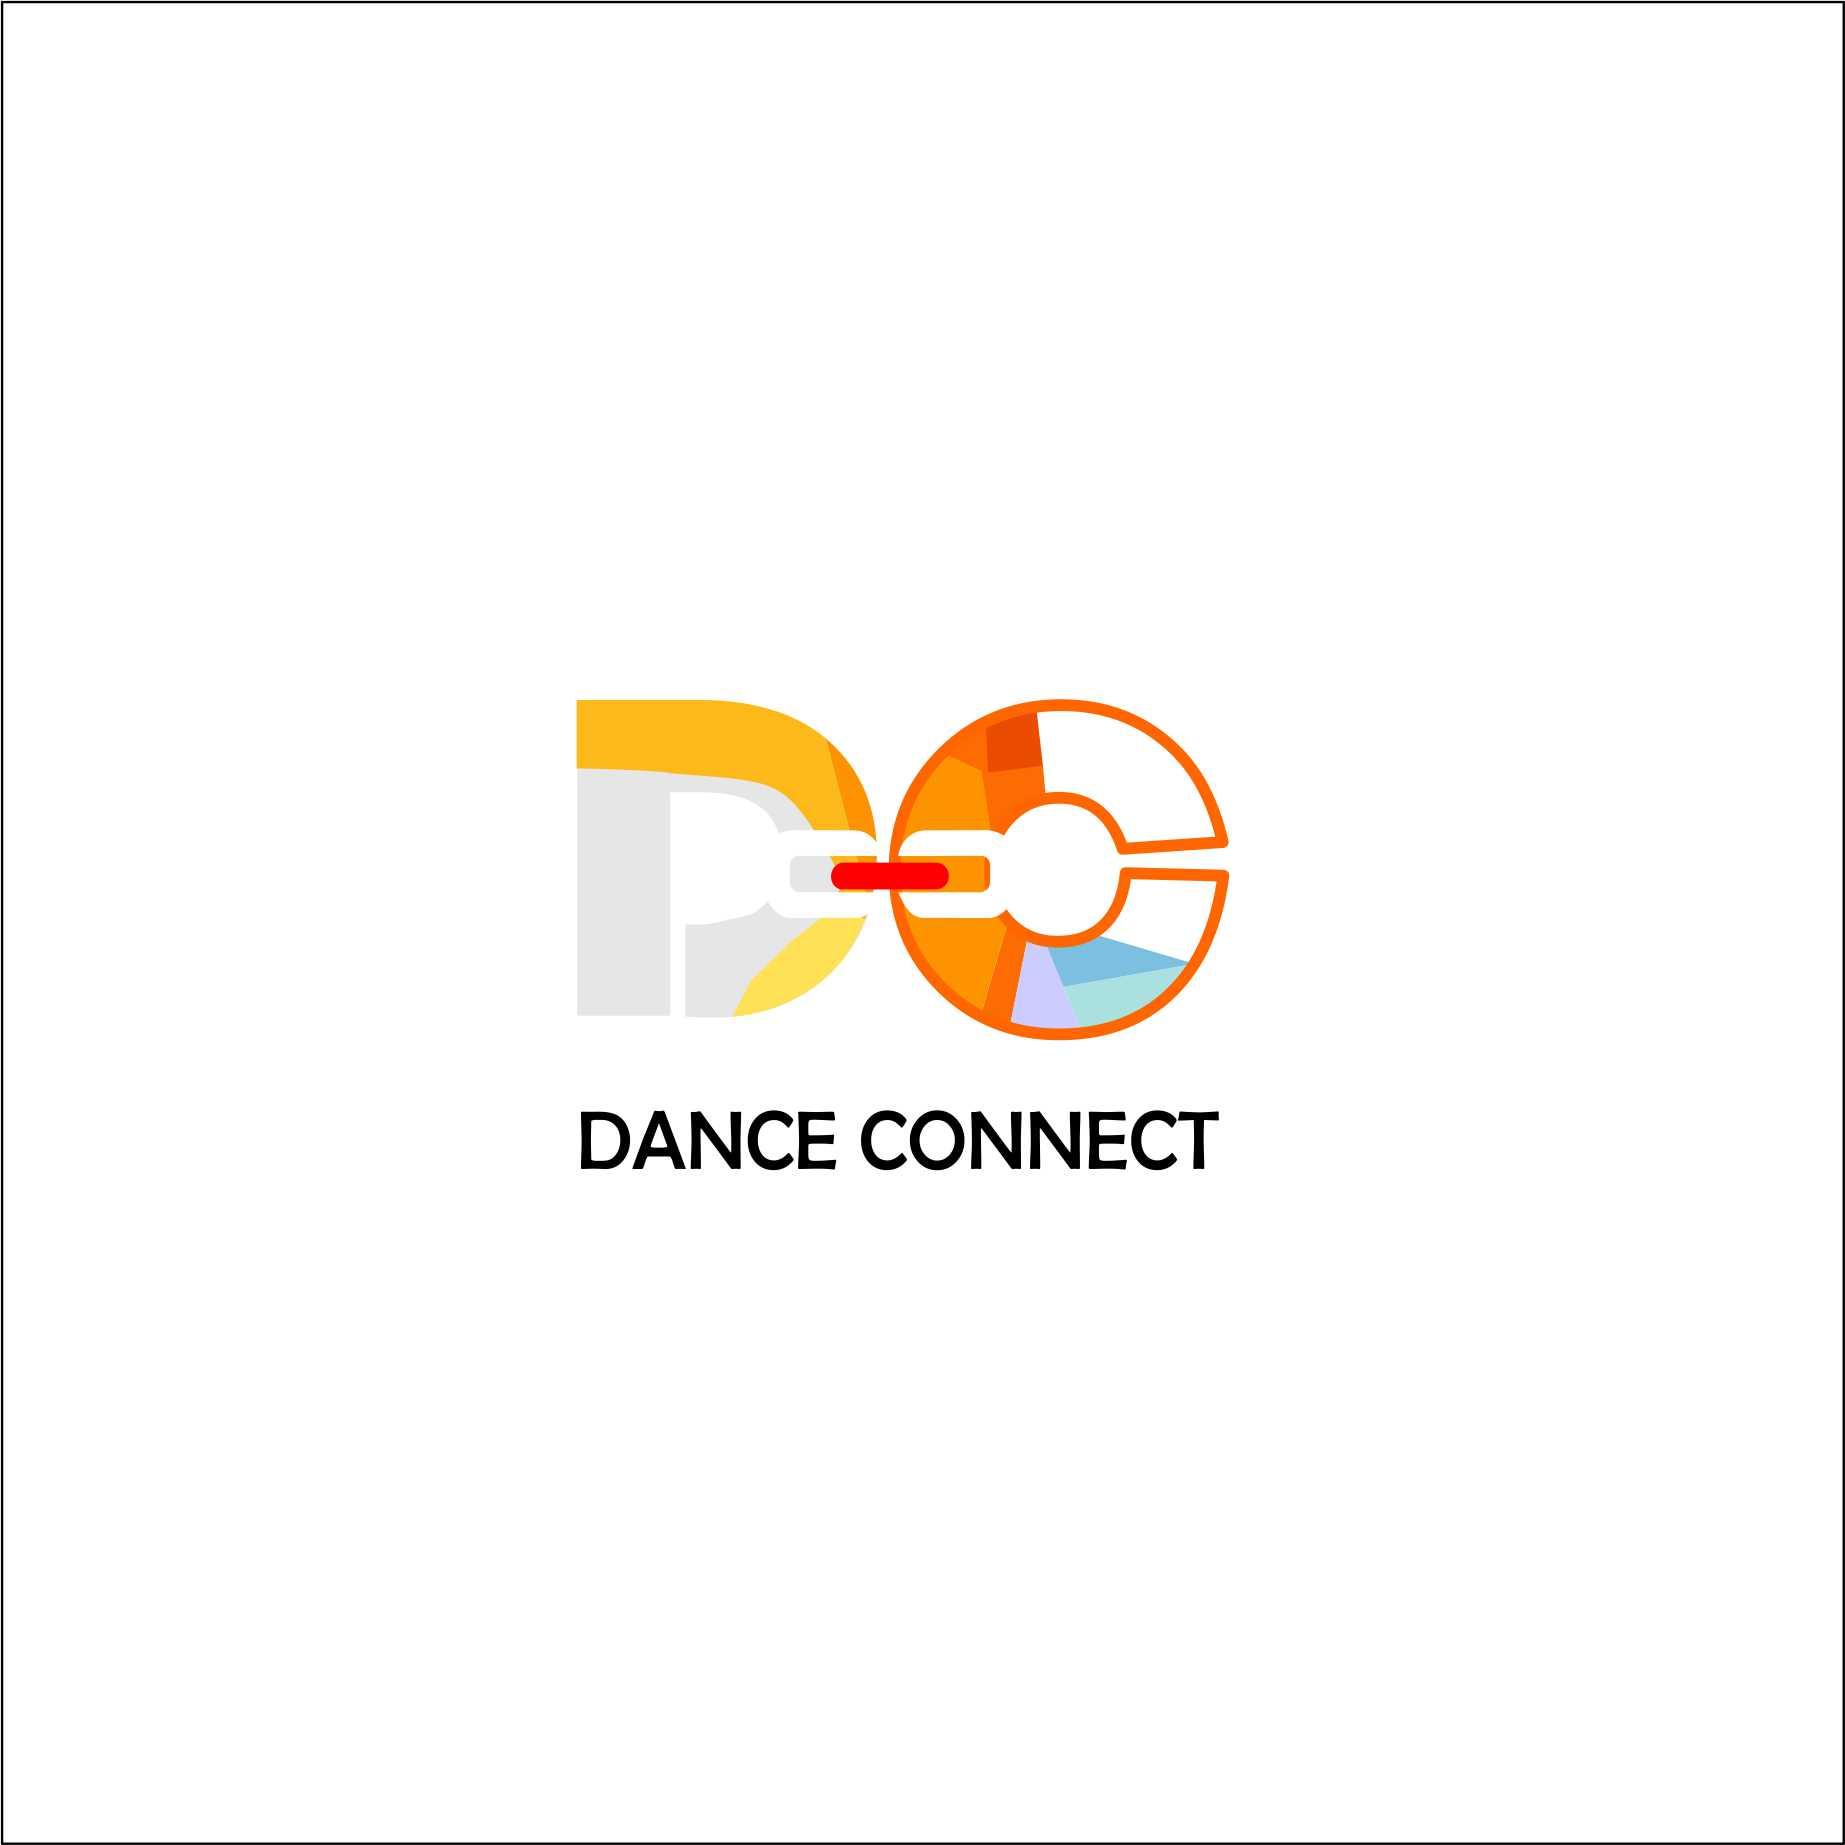 Разработка лого для спортивного портала www.danceconnect.ru фото f_6895b3fb88b37355.jpg